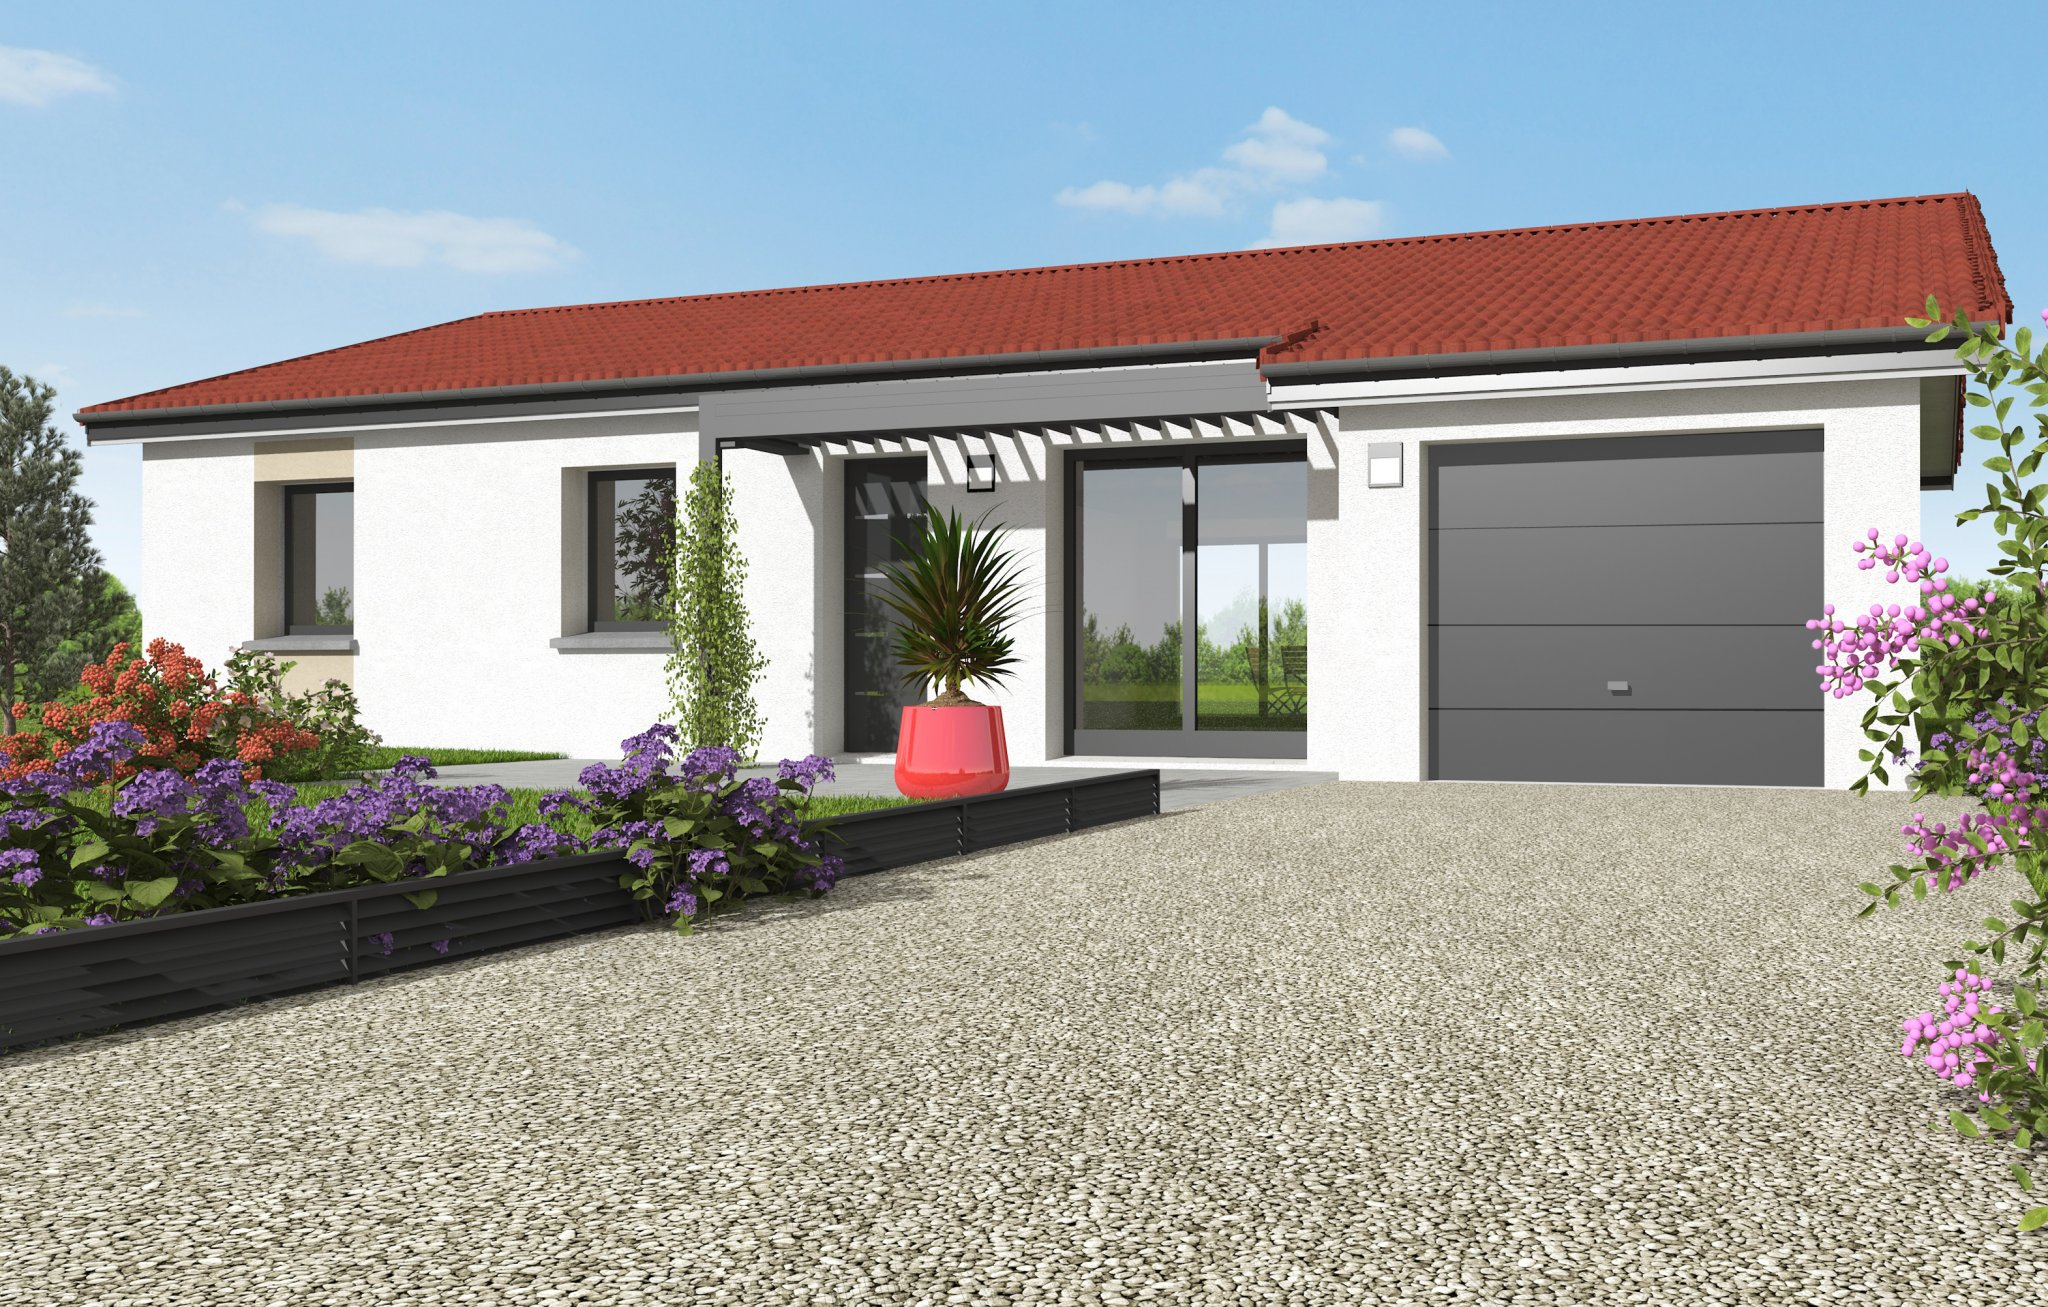 Maisons du constructeur MAISONS CLEDOR • 90 m² • ORLEAT